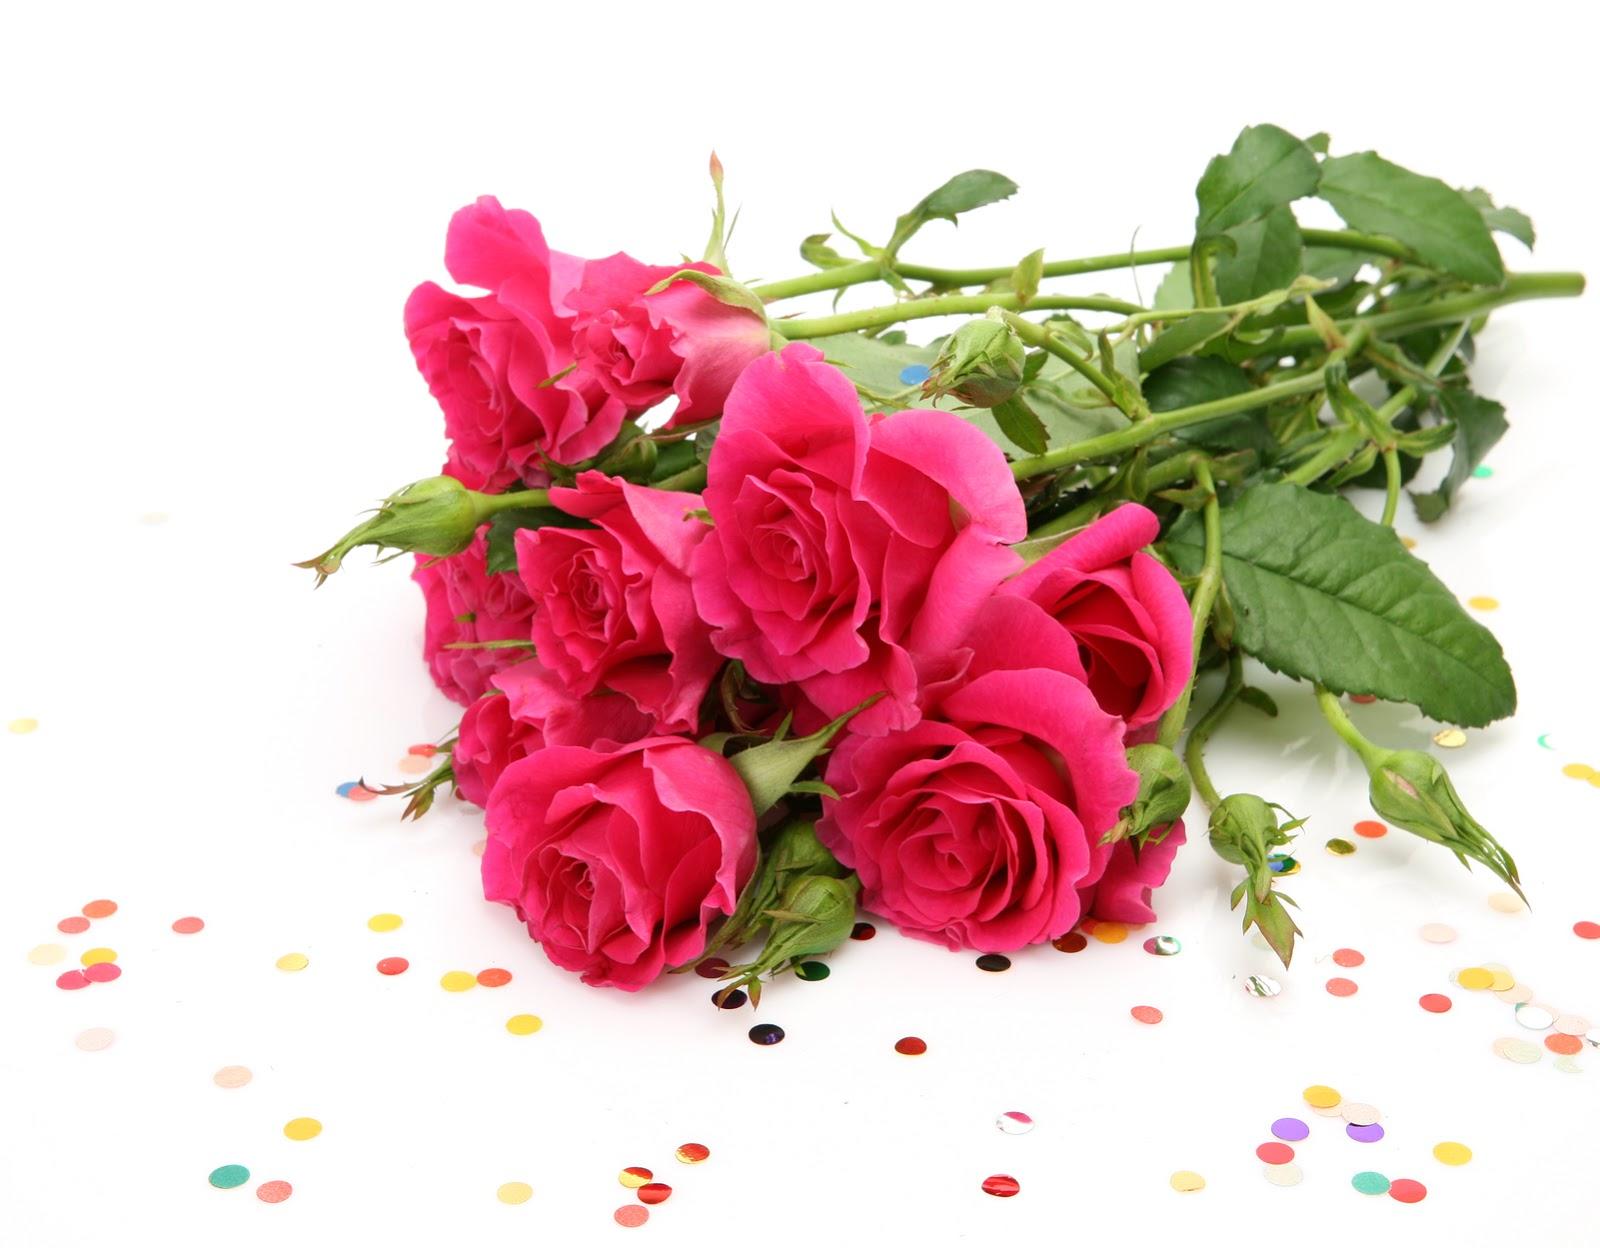 Banco de im genes para ver disfrutar y compartir - Rosas rosas hermosas ...